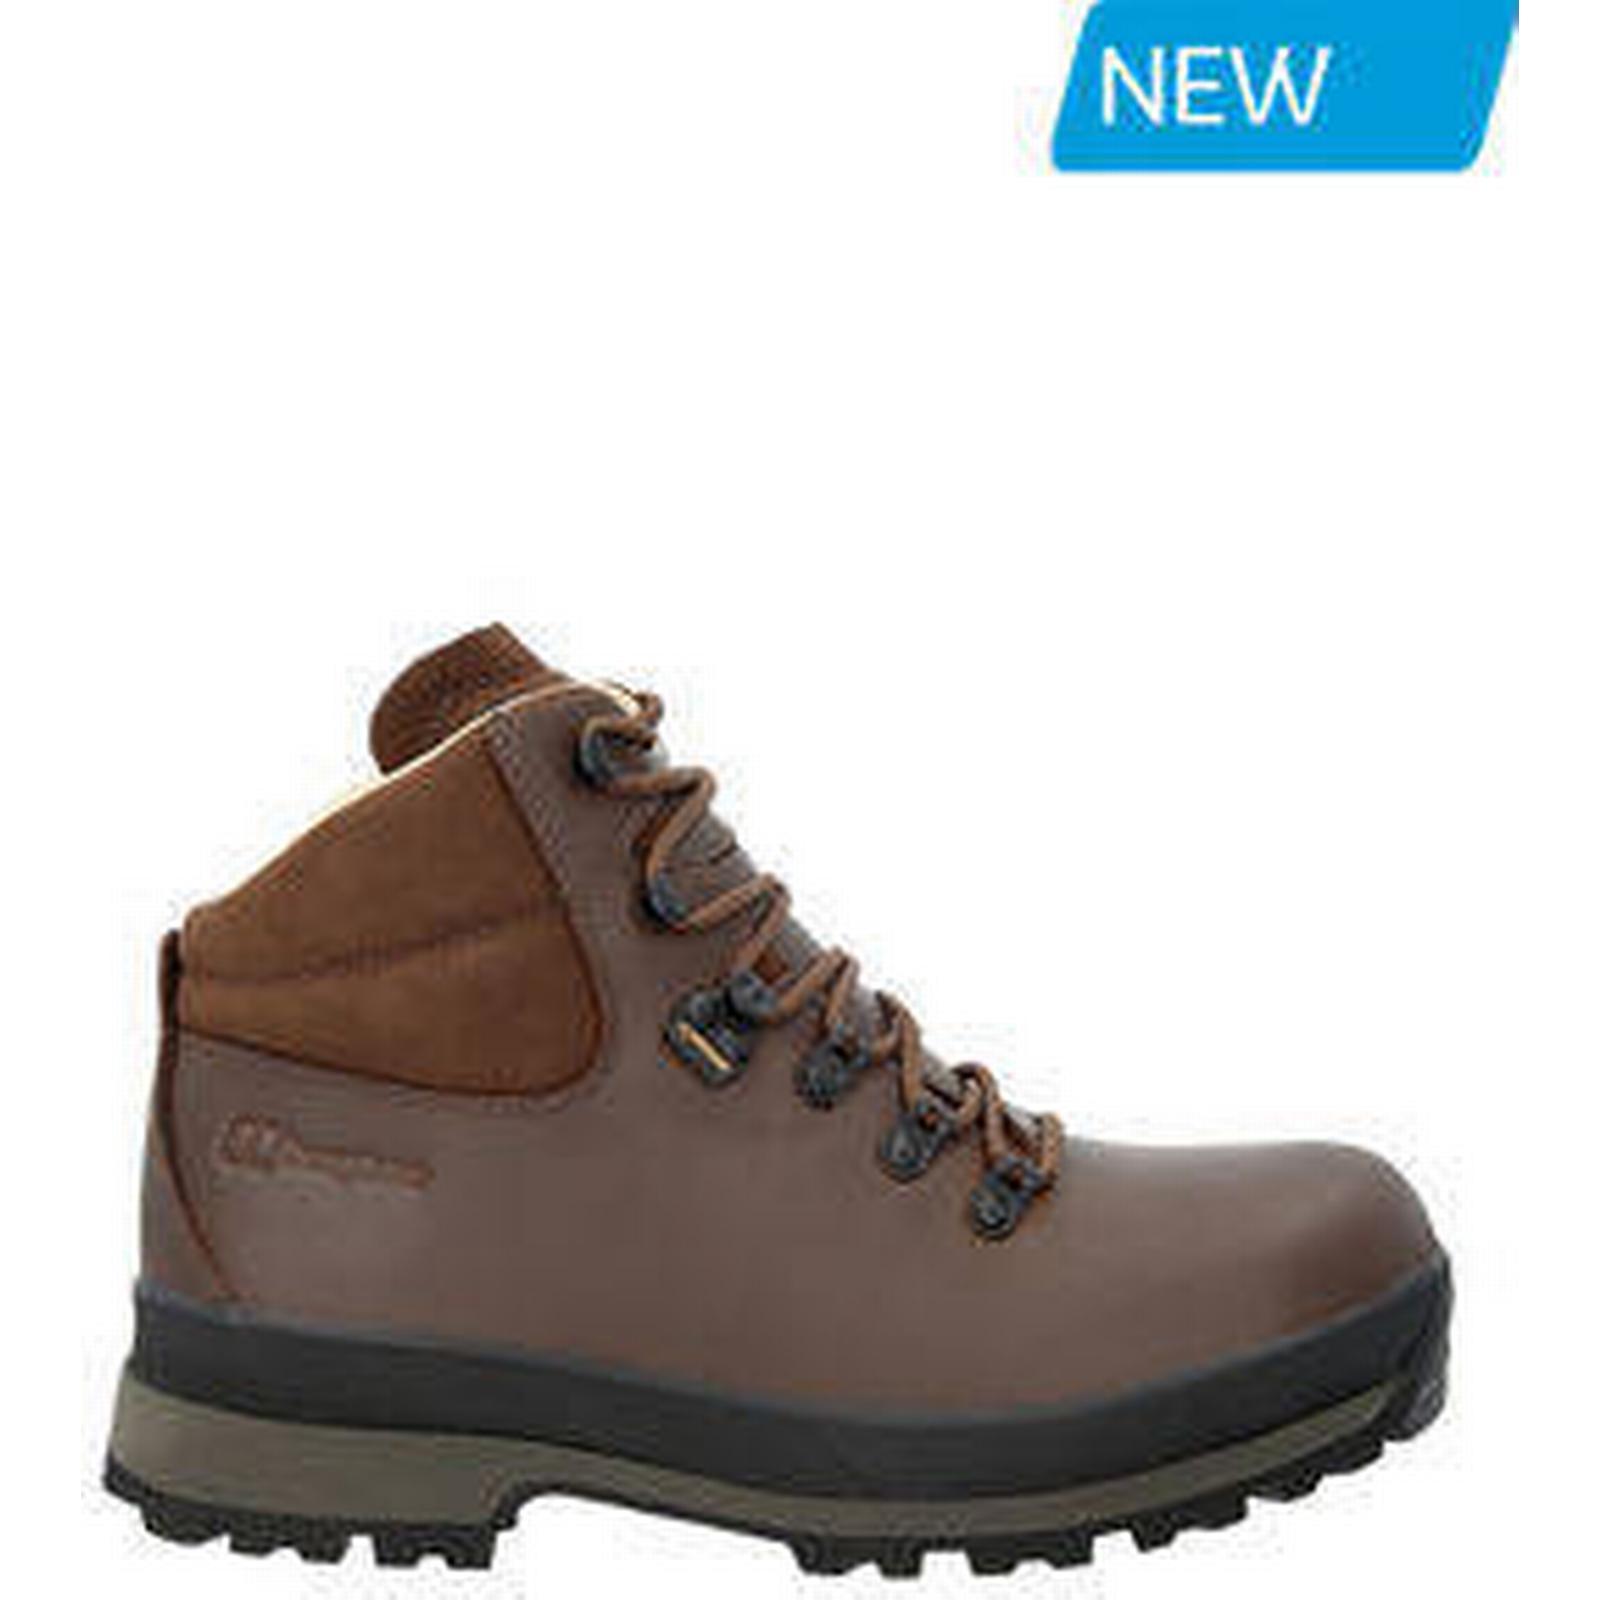 Berghaus Women's Hillmaster Hillmaster Women's II Gore-tex Boots c683d0